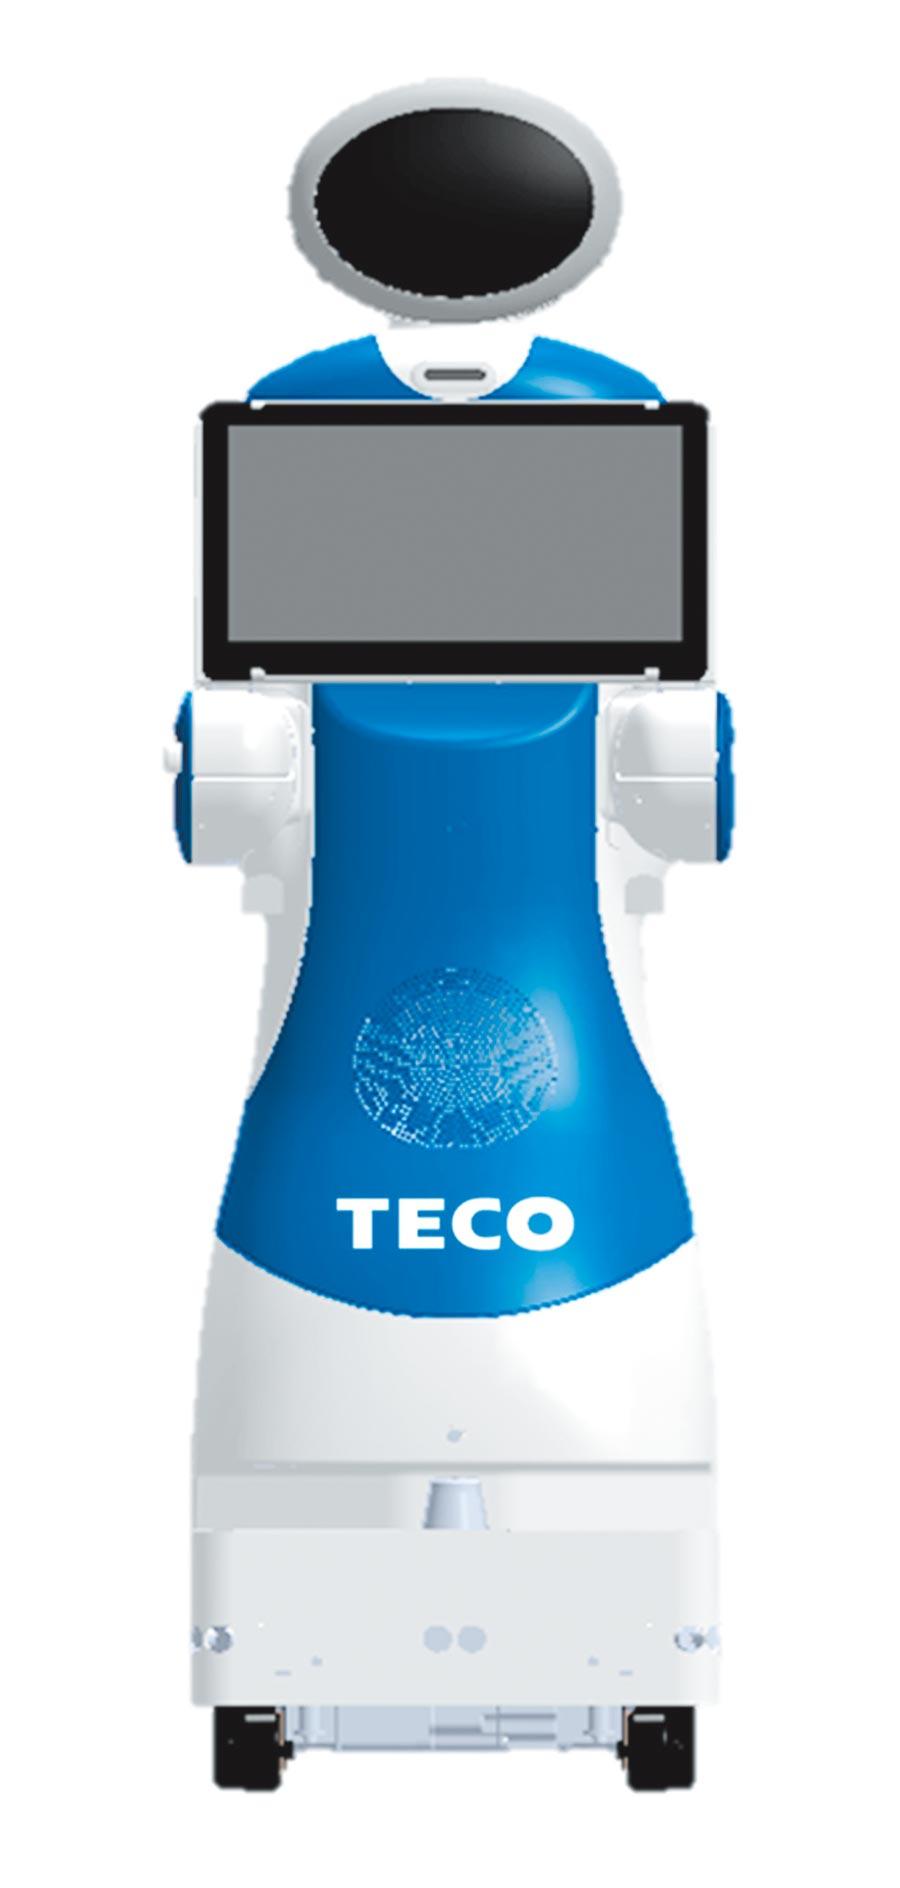 东元今天特别首度亮相自家生产的服务型机器人担任导览员。图/东元提供